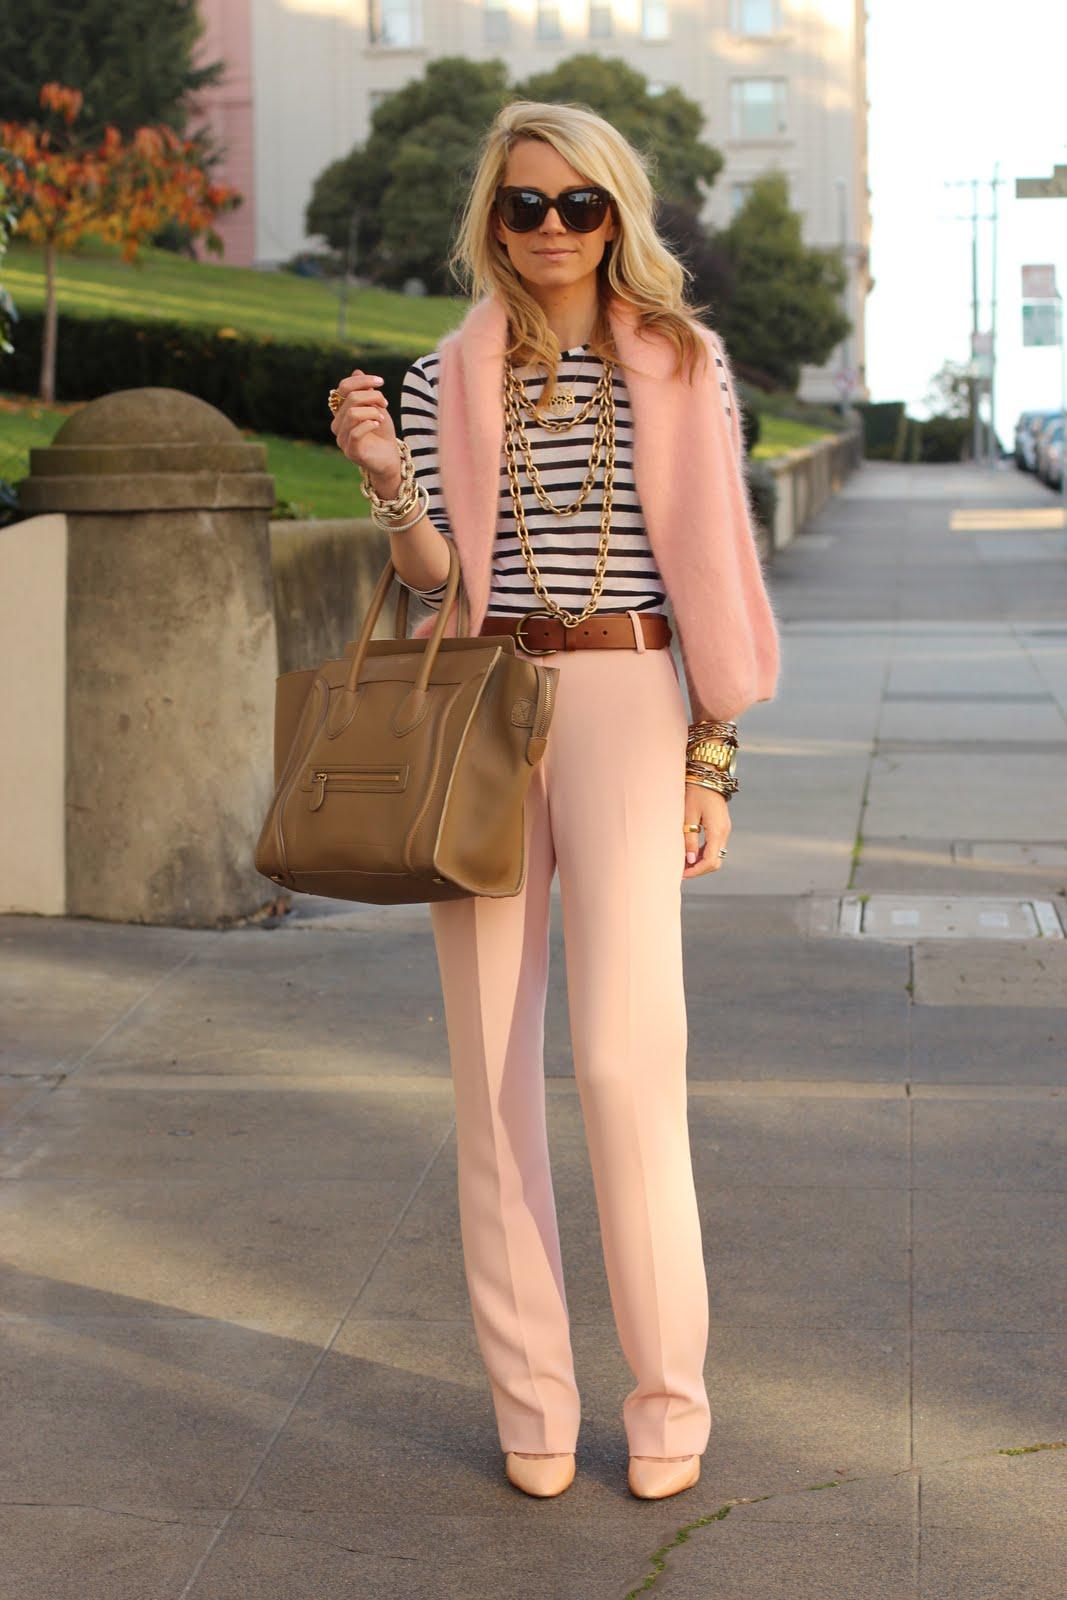 Монохромные наряды - наряд выполнен в тонах от светло розового до ярко розовго цветов.